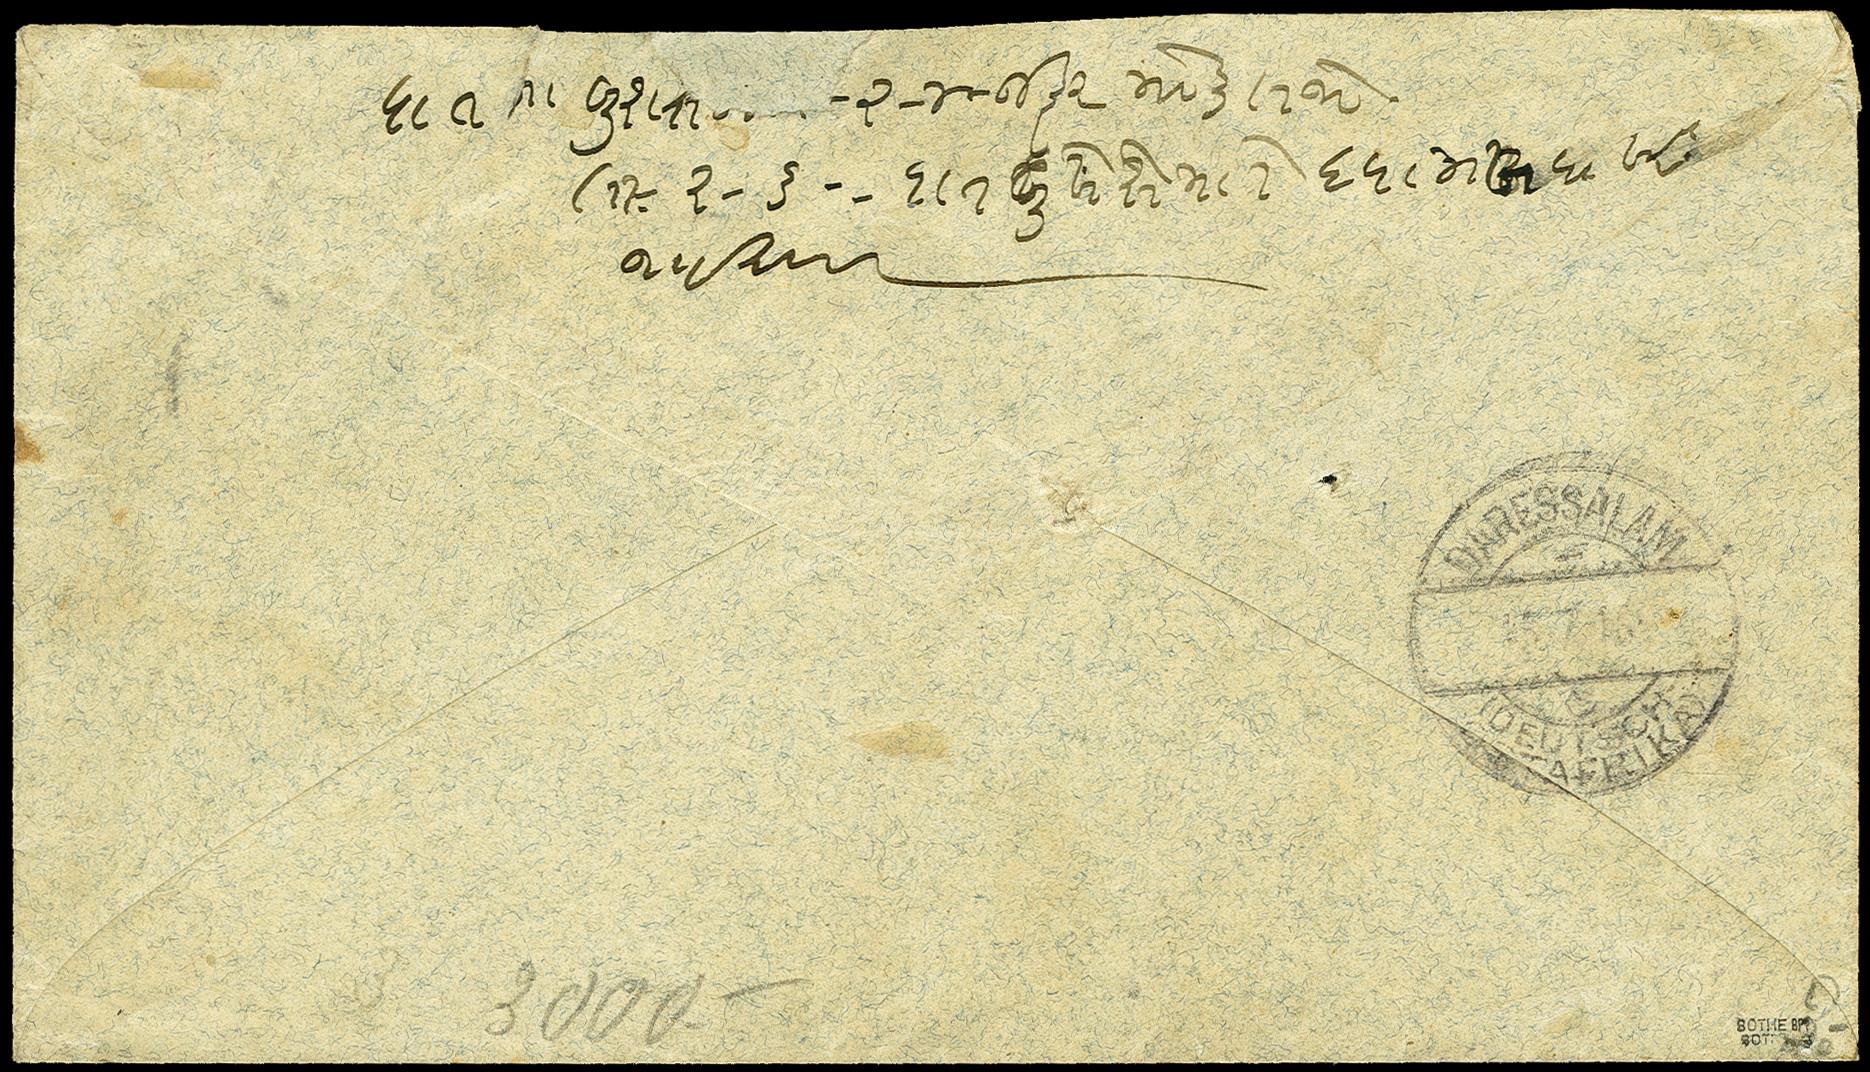 Lot 2884 - deutsche auslandspostämter und kolonien german east africa -  Heinrich Koehler Auktionen 375rd Heinrich Köhler auction - Day 2